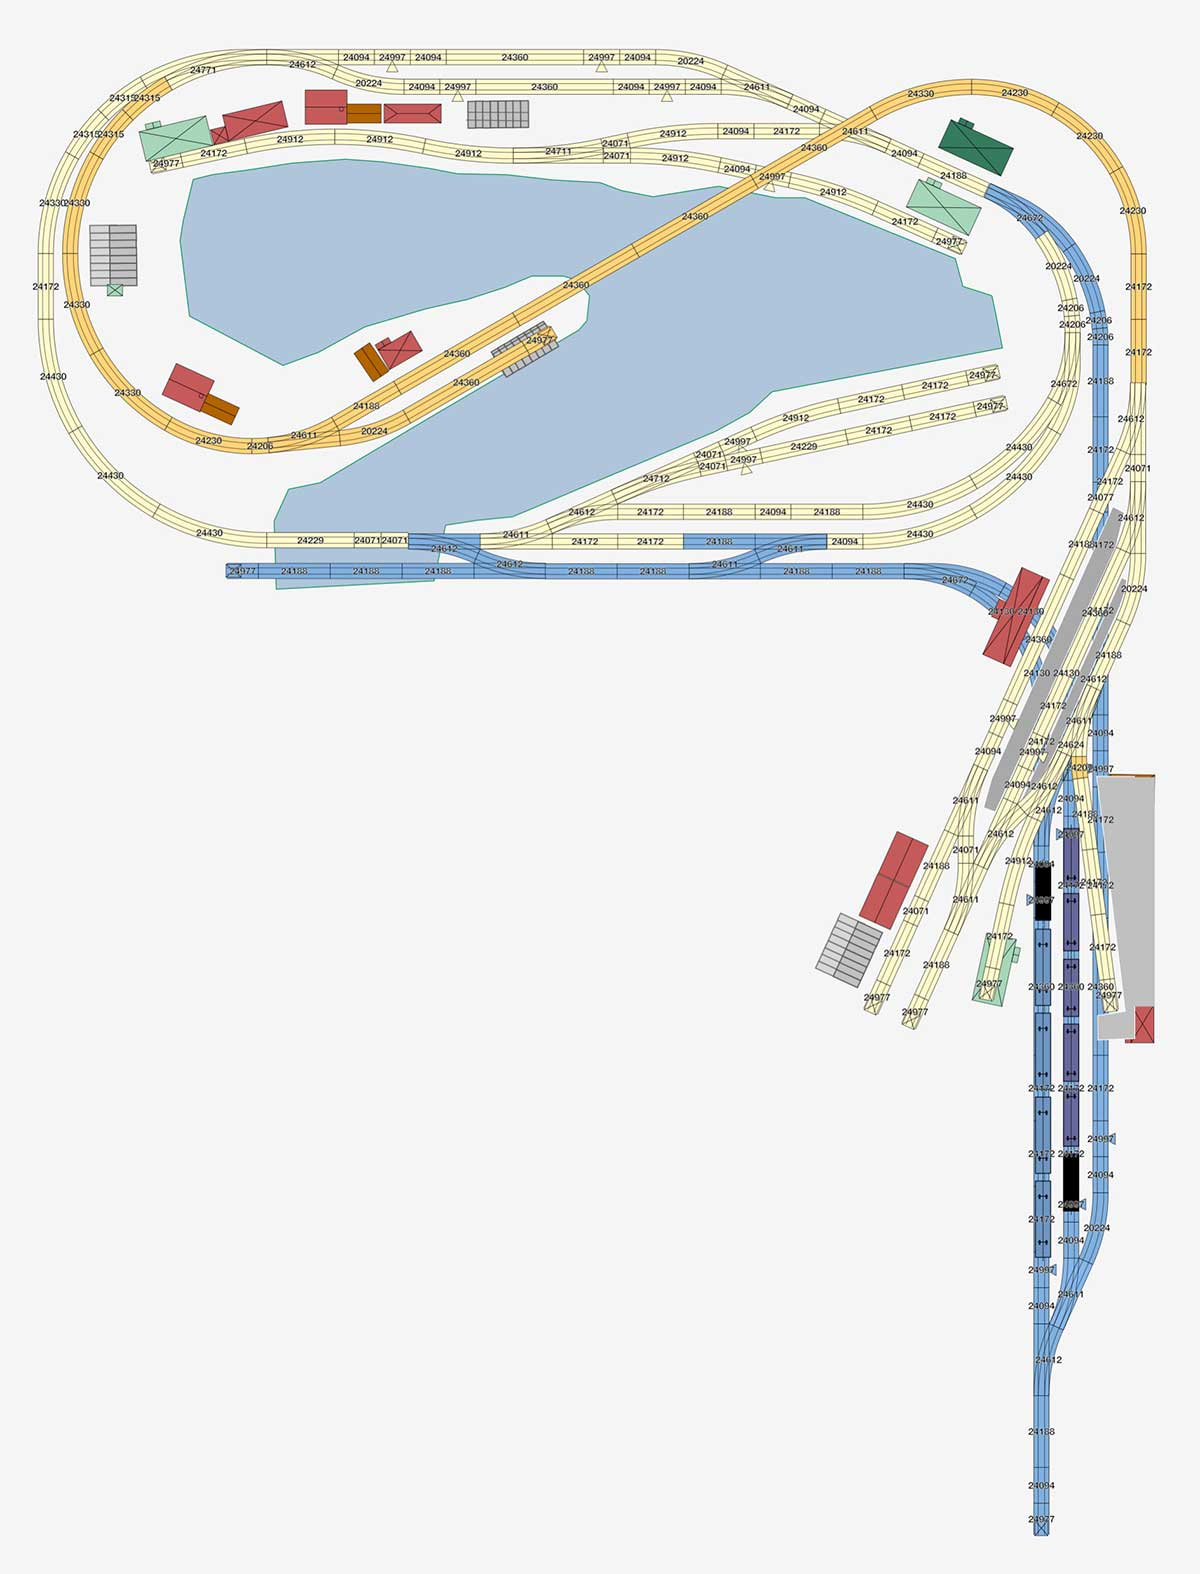 der-kleine-Hafen-Gleisplan-H0-C-Gleis-006-EBf-SBf-003 3